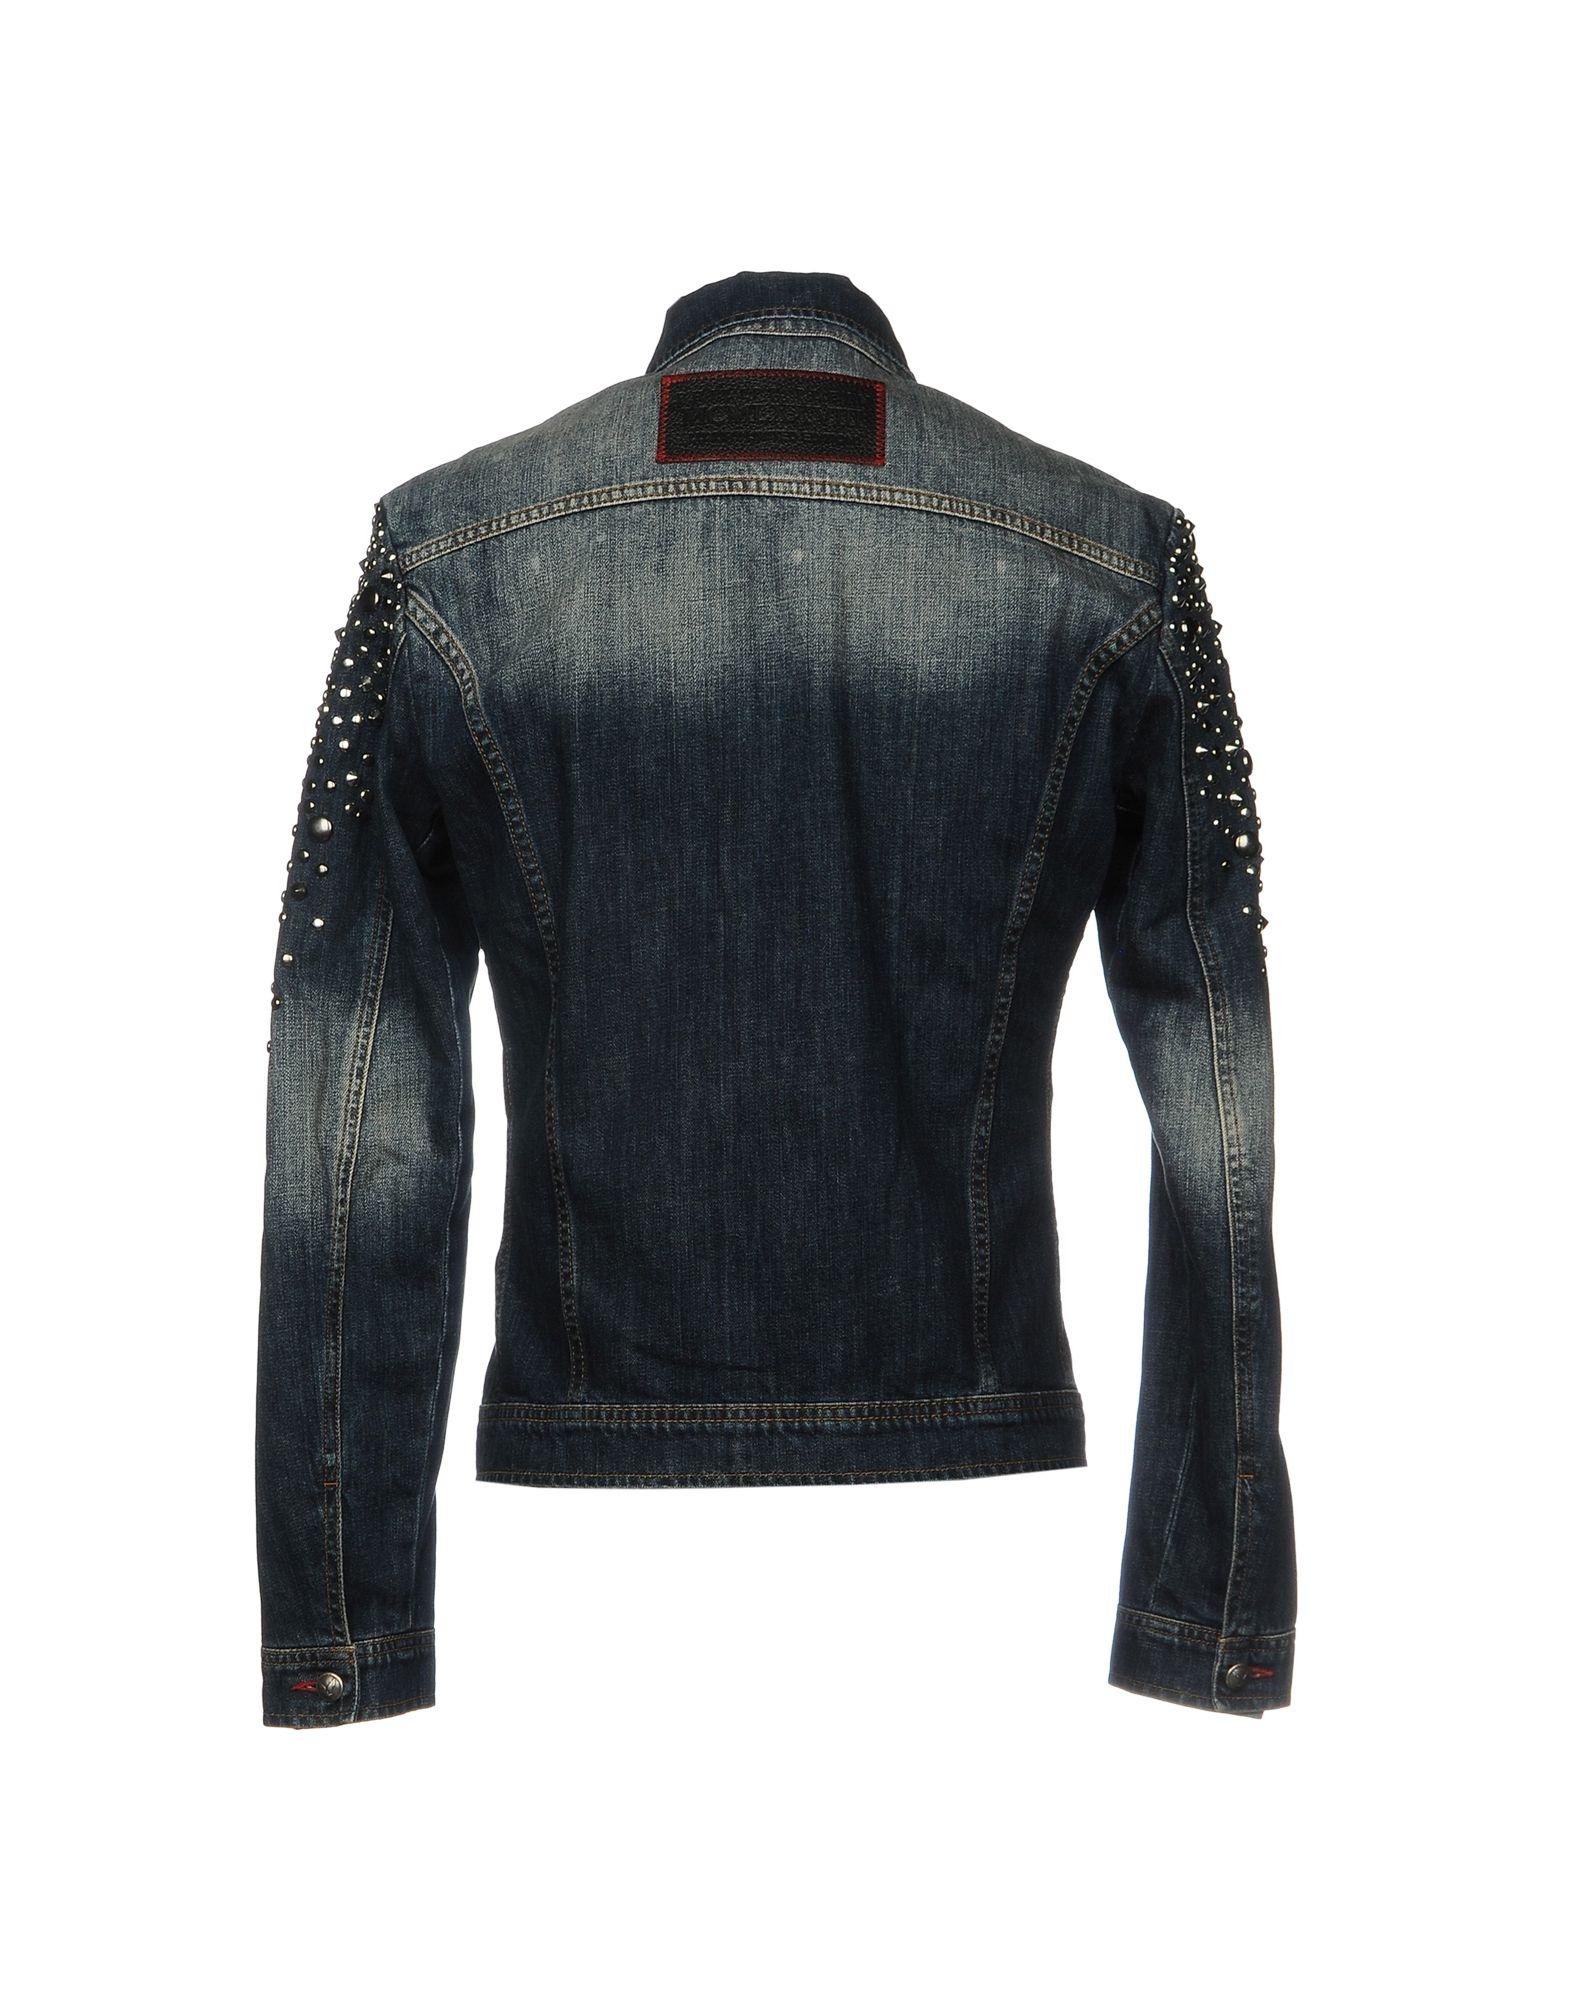 Giubbotto Jeans Jeans Giubbotto Philipp Plein Uomo - 42646988RJ 656918